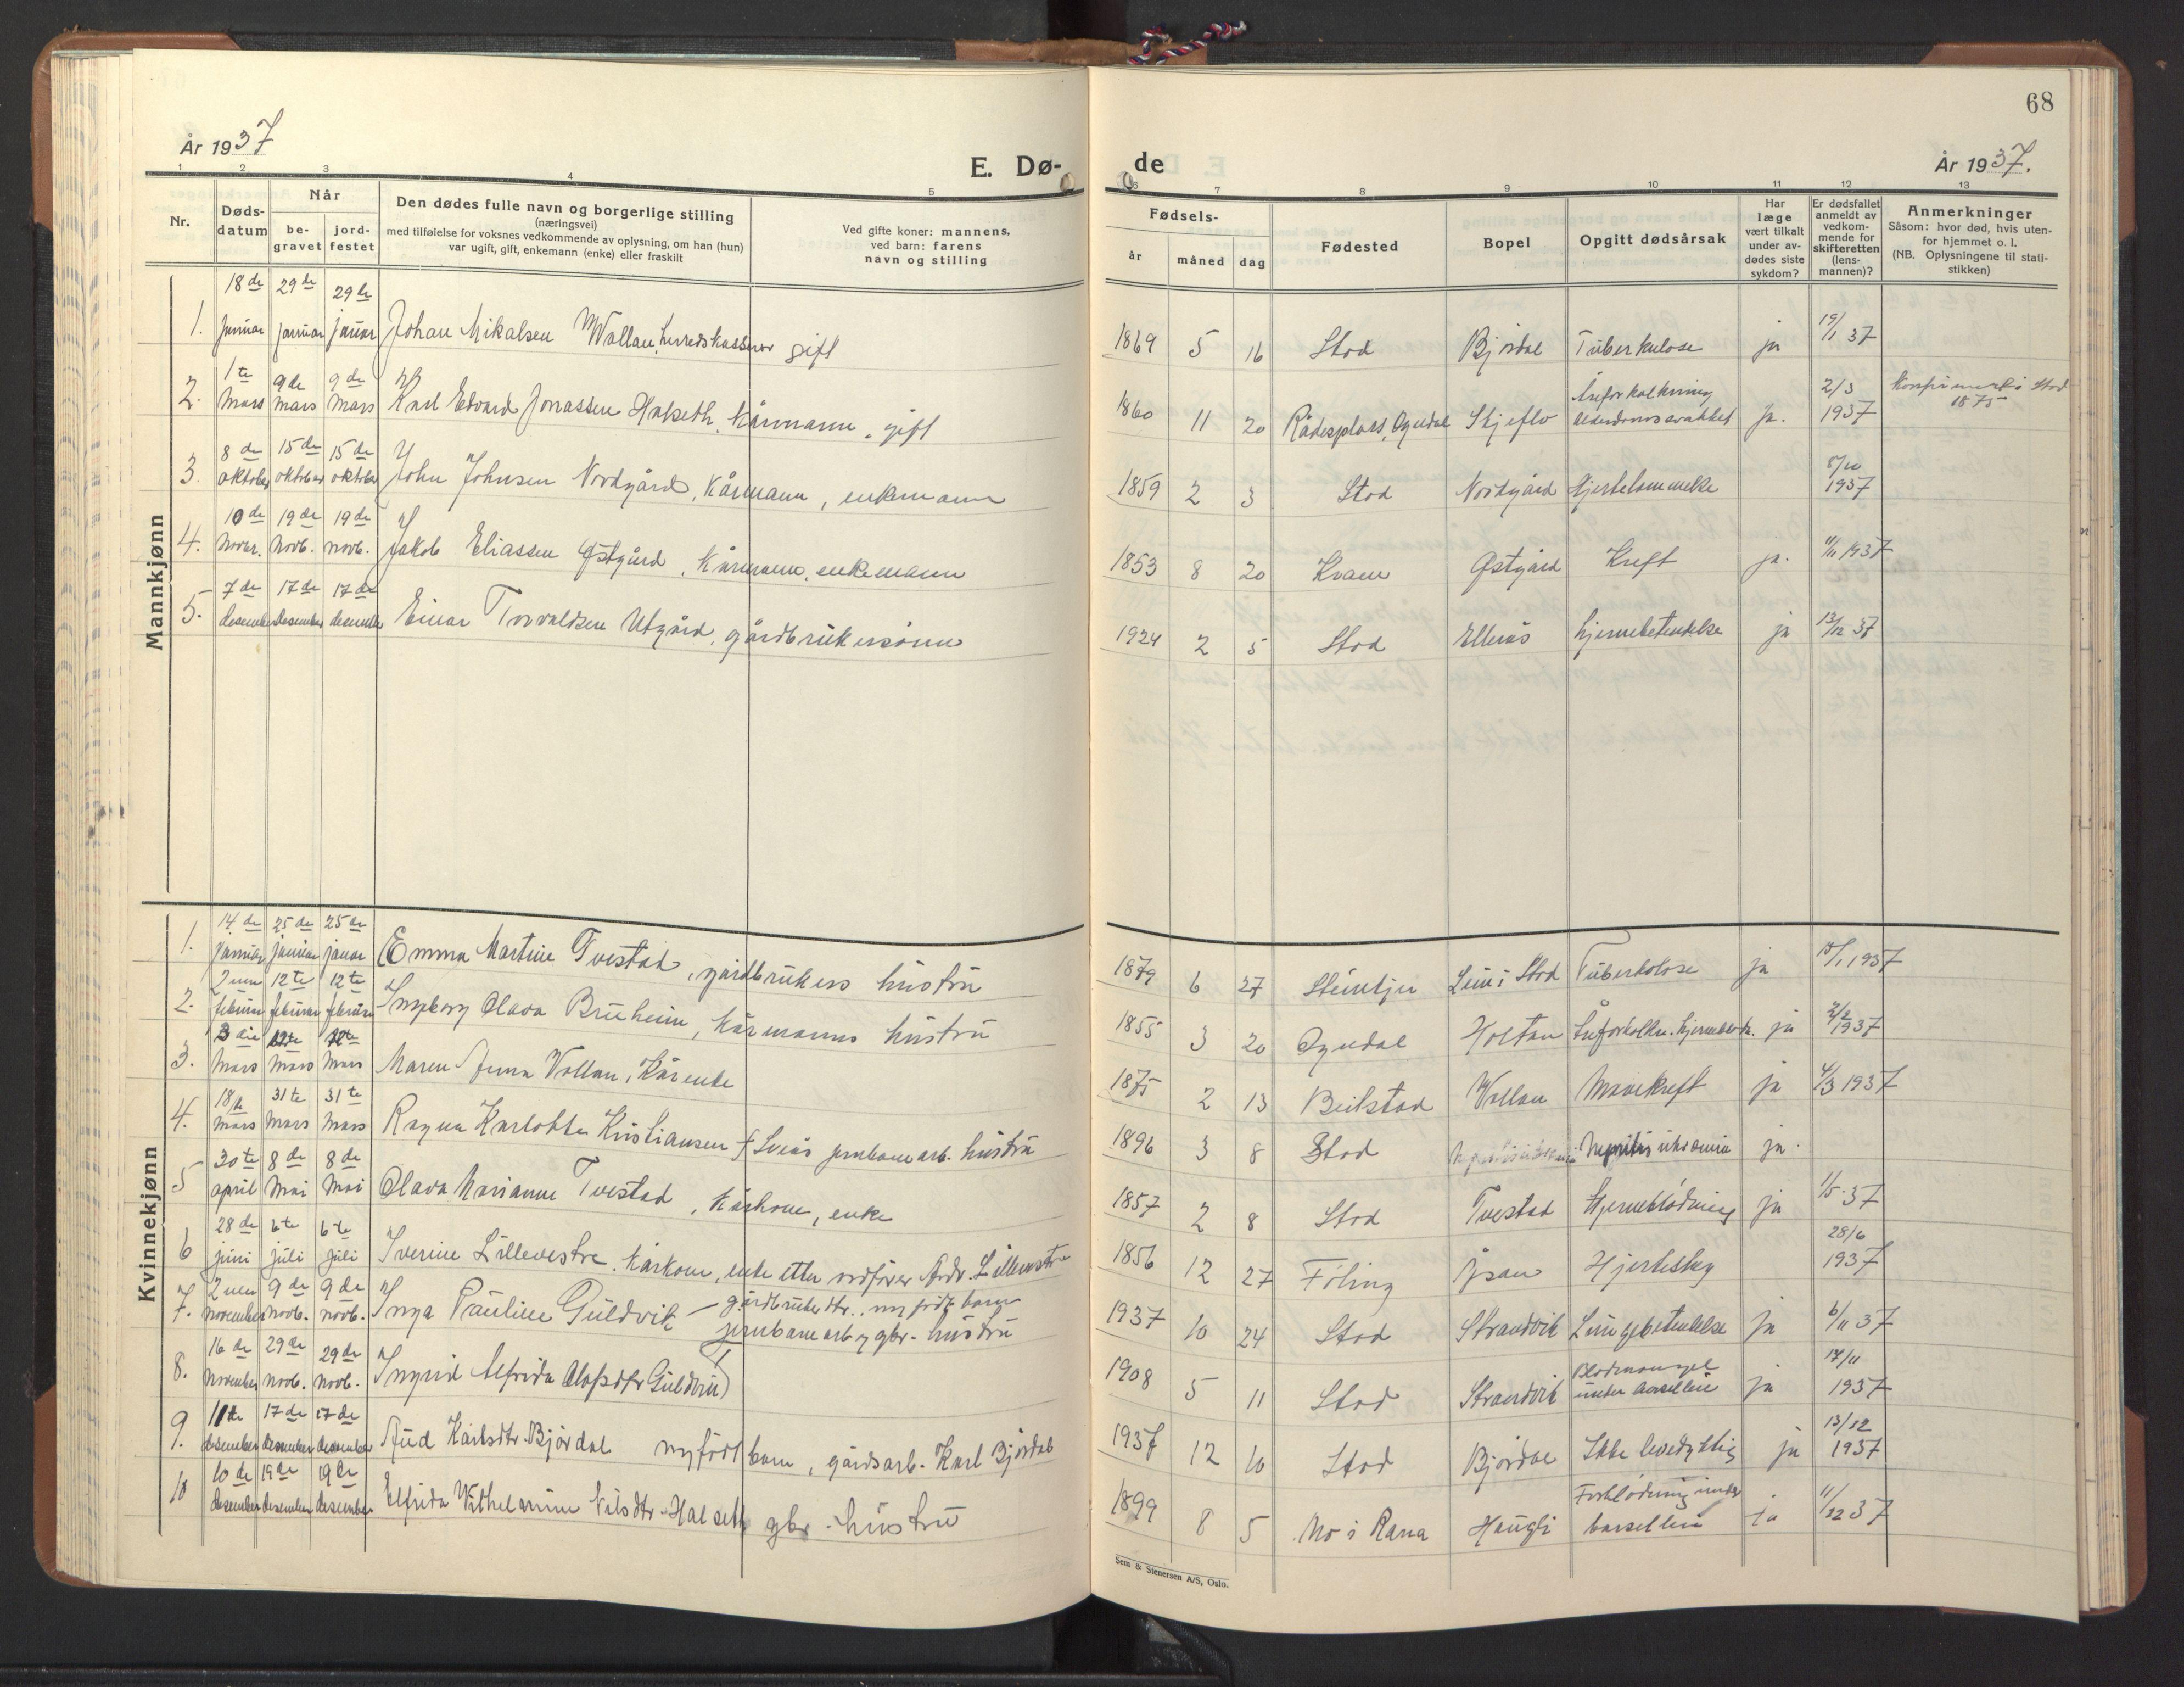 SAT, Ministerialprotokoller, klokkerbøker og fødselsregistre - Nord-Trøndelag, 746/L0456: Klokkerbok nr. 746C02, 1936-1948, s. 68